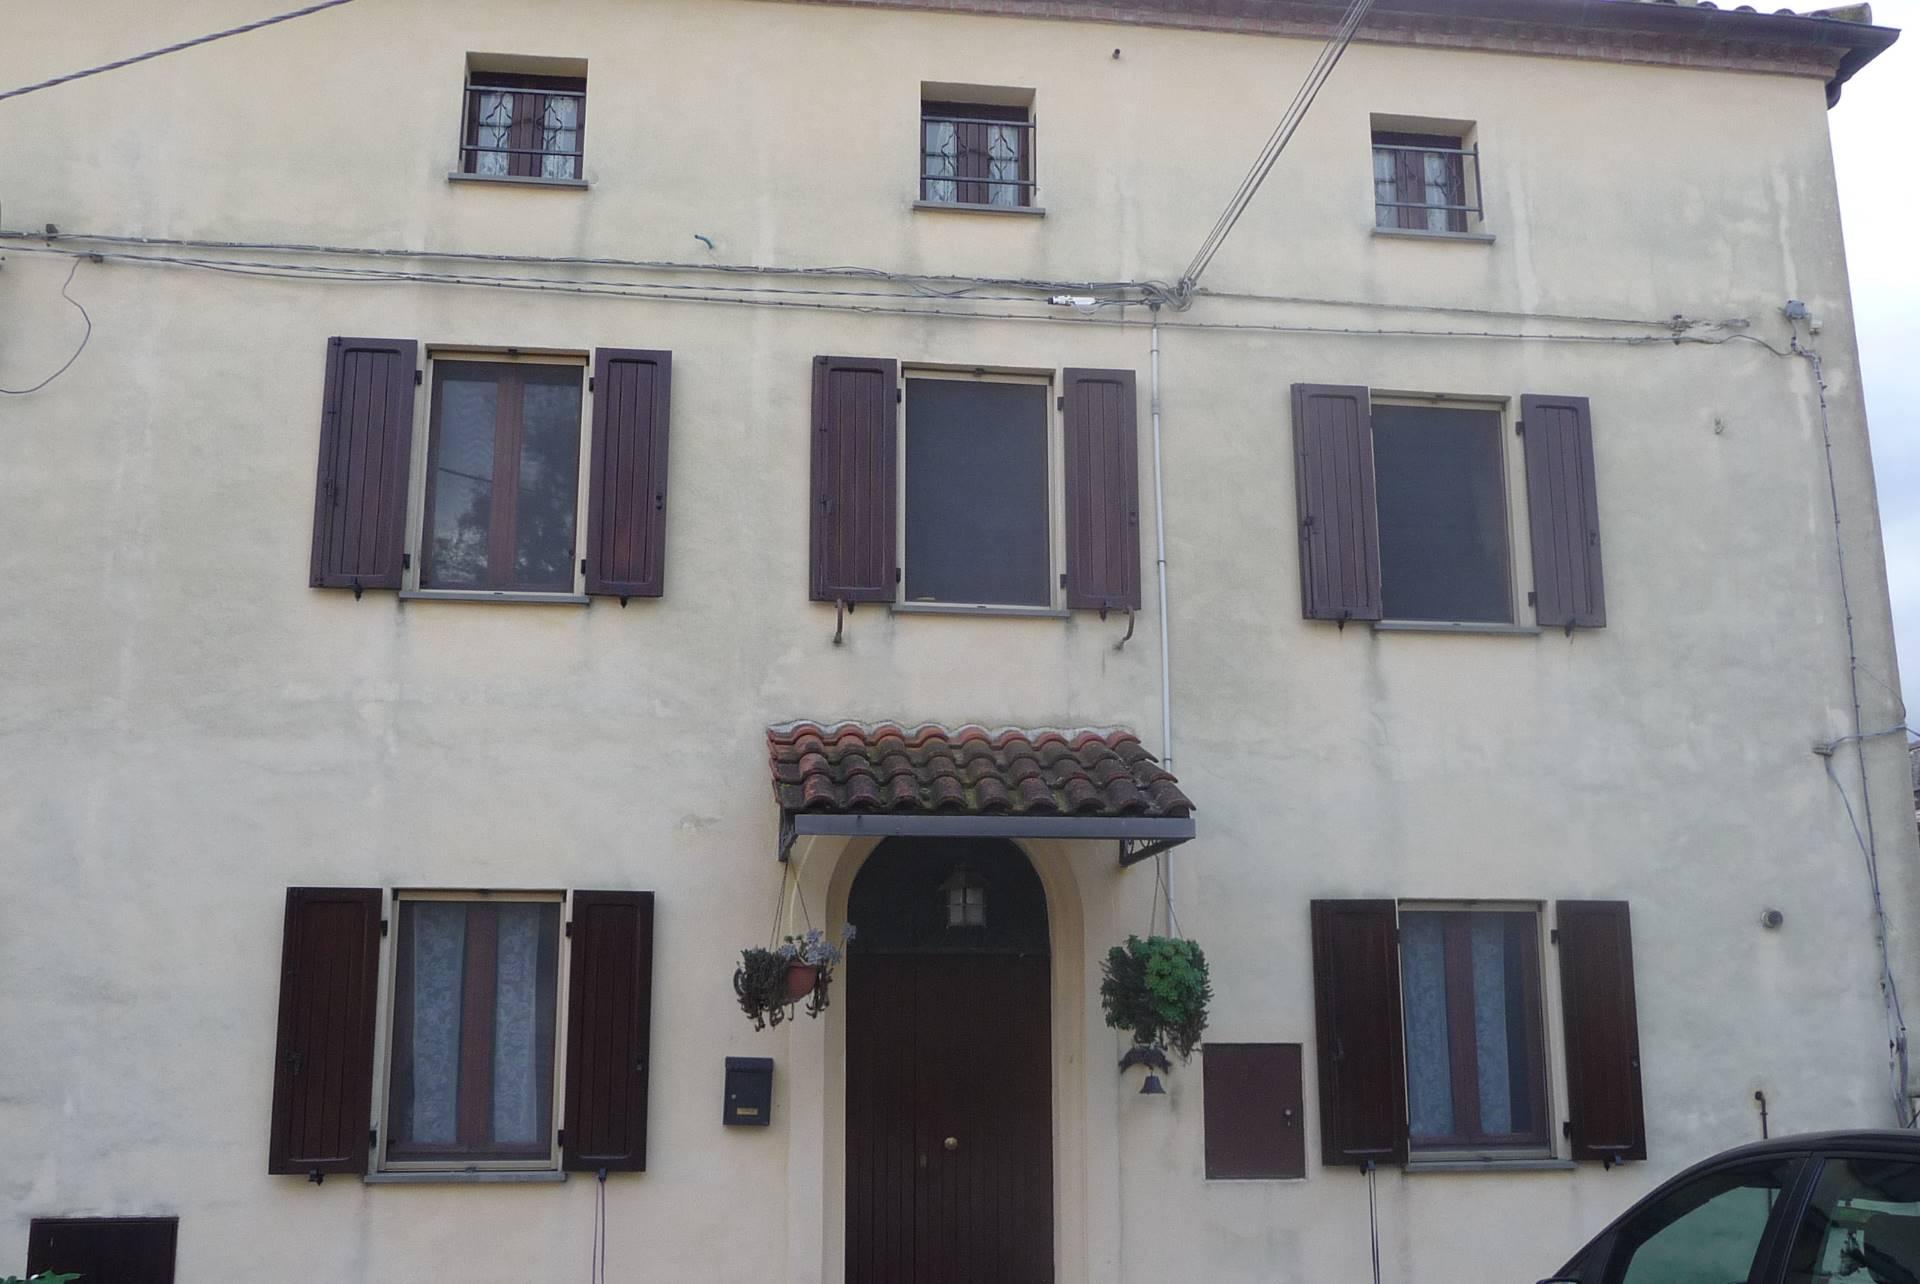 Casa semindipendente in vendita a fabriano cod in57 - Sogno casa fabriano ...